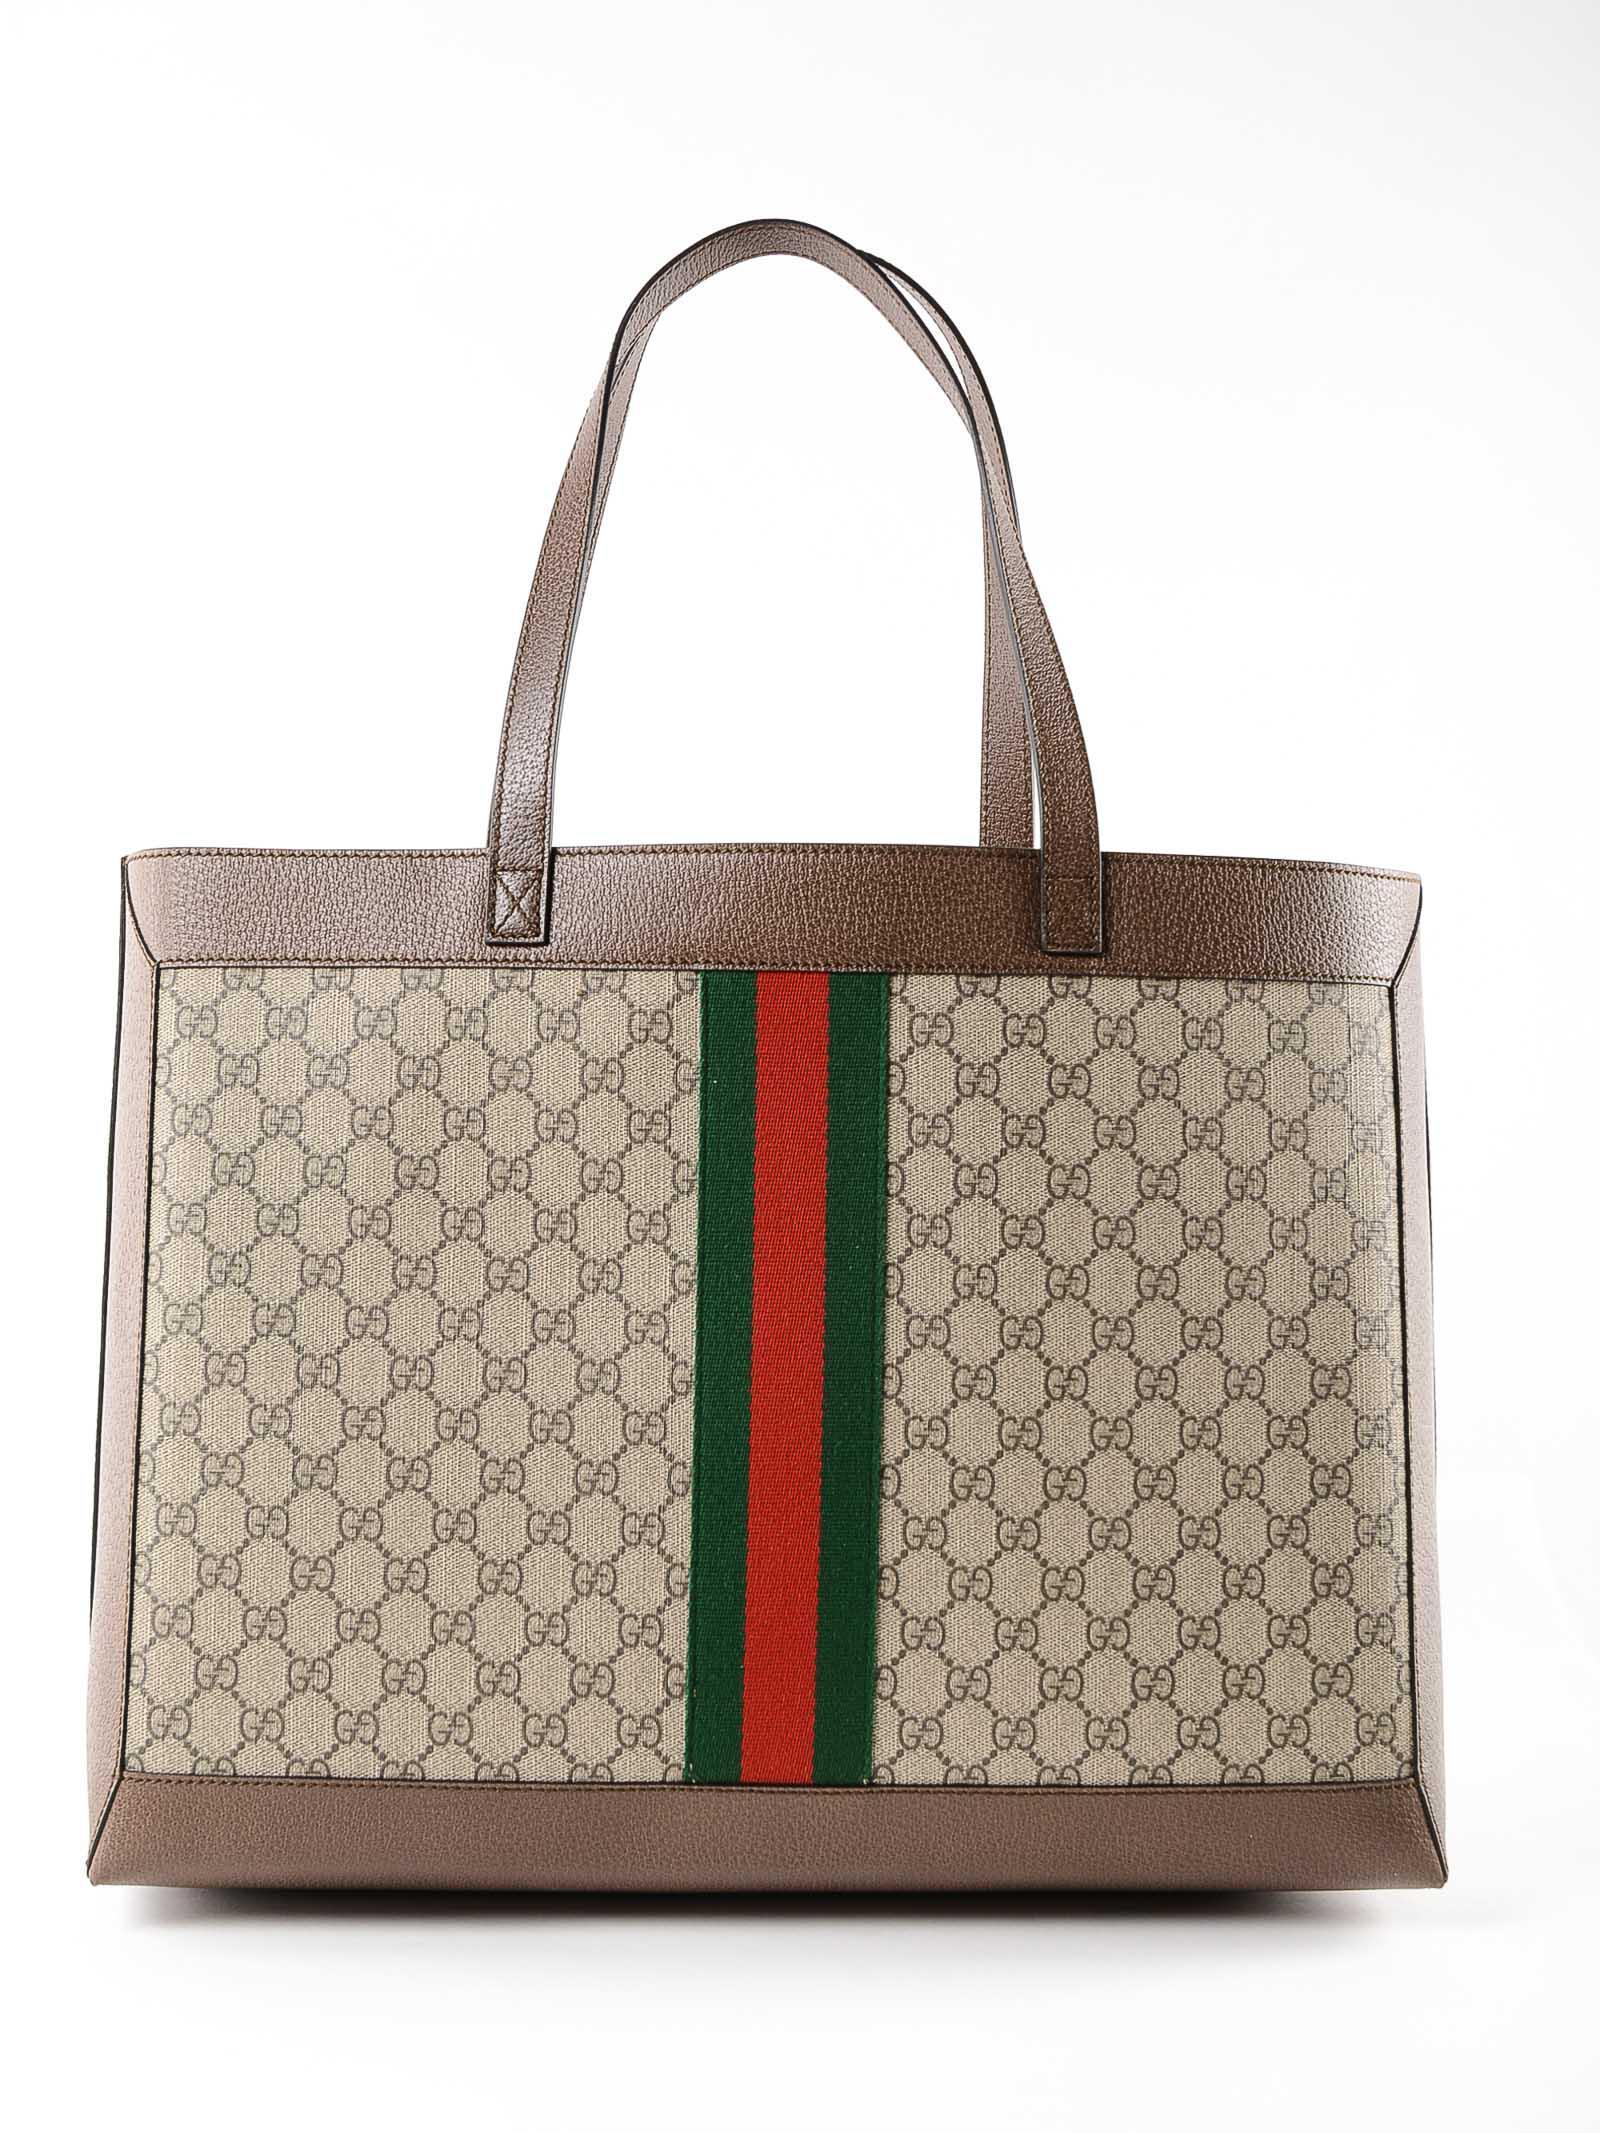 Gucci - Multicolor GG Supreme Tote - Lyst. View fullscreen c42f1d90be2e4